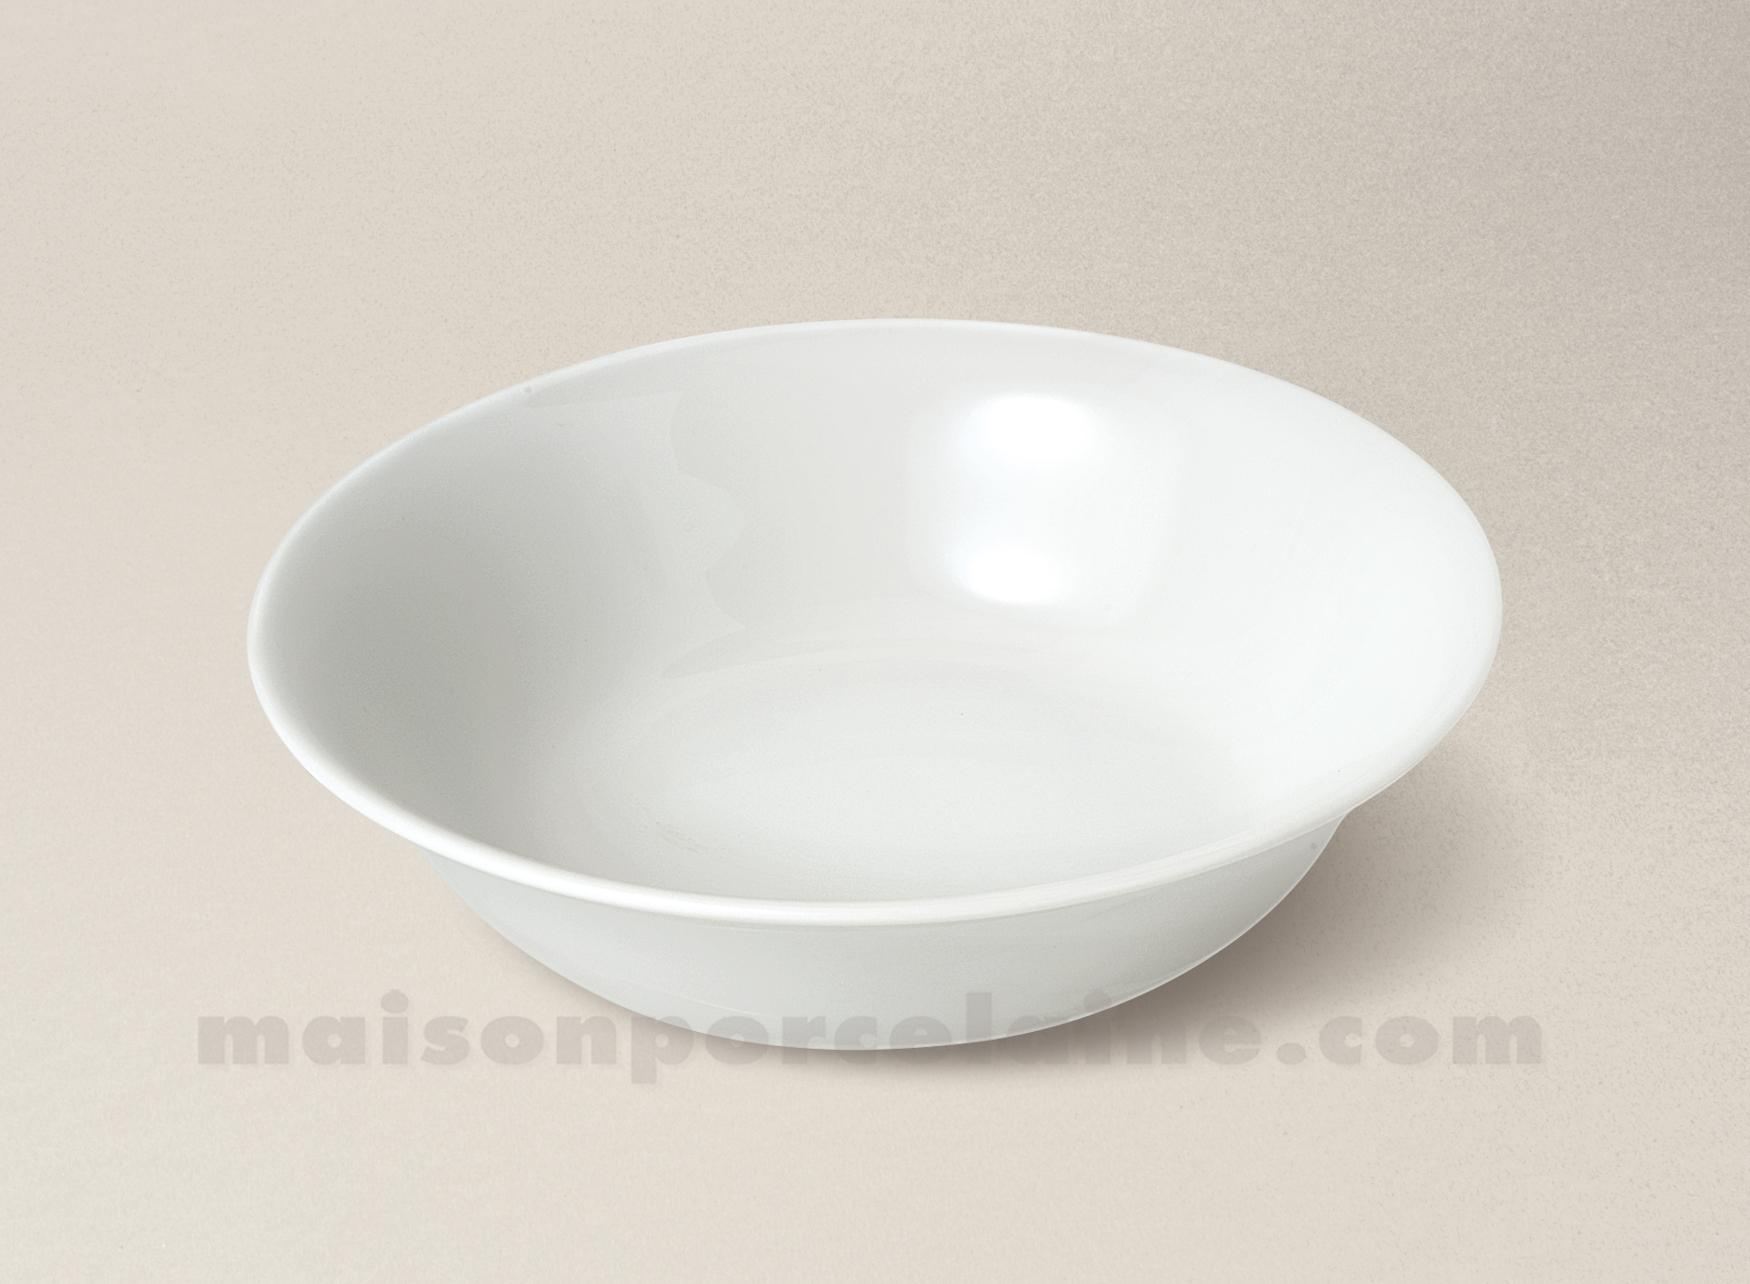 bol salade cereales limoges porcelaine blanche haussmann d18 maison de la porcelaine. Black Bedroom Furniture Sets. Home Design Ideas